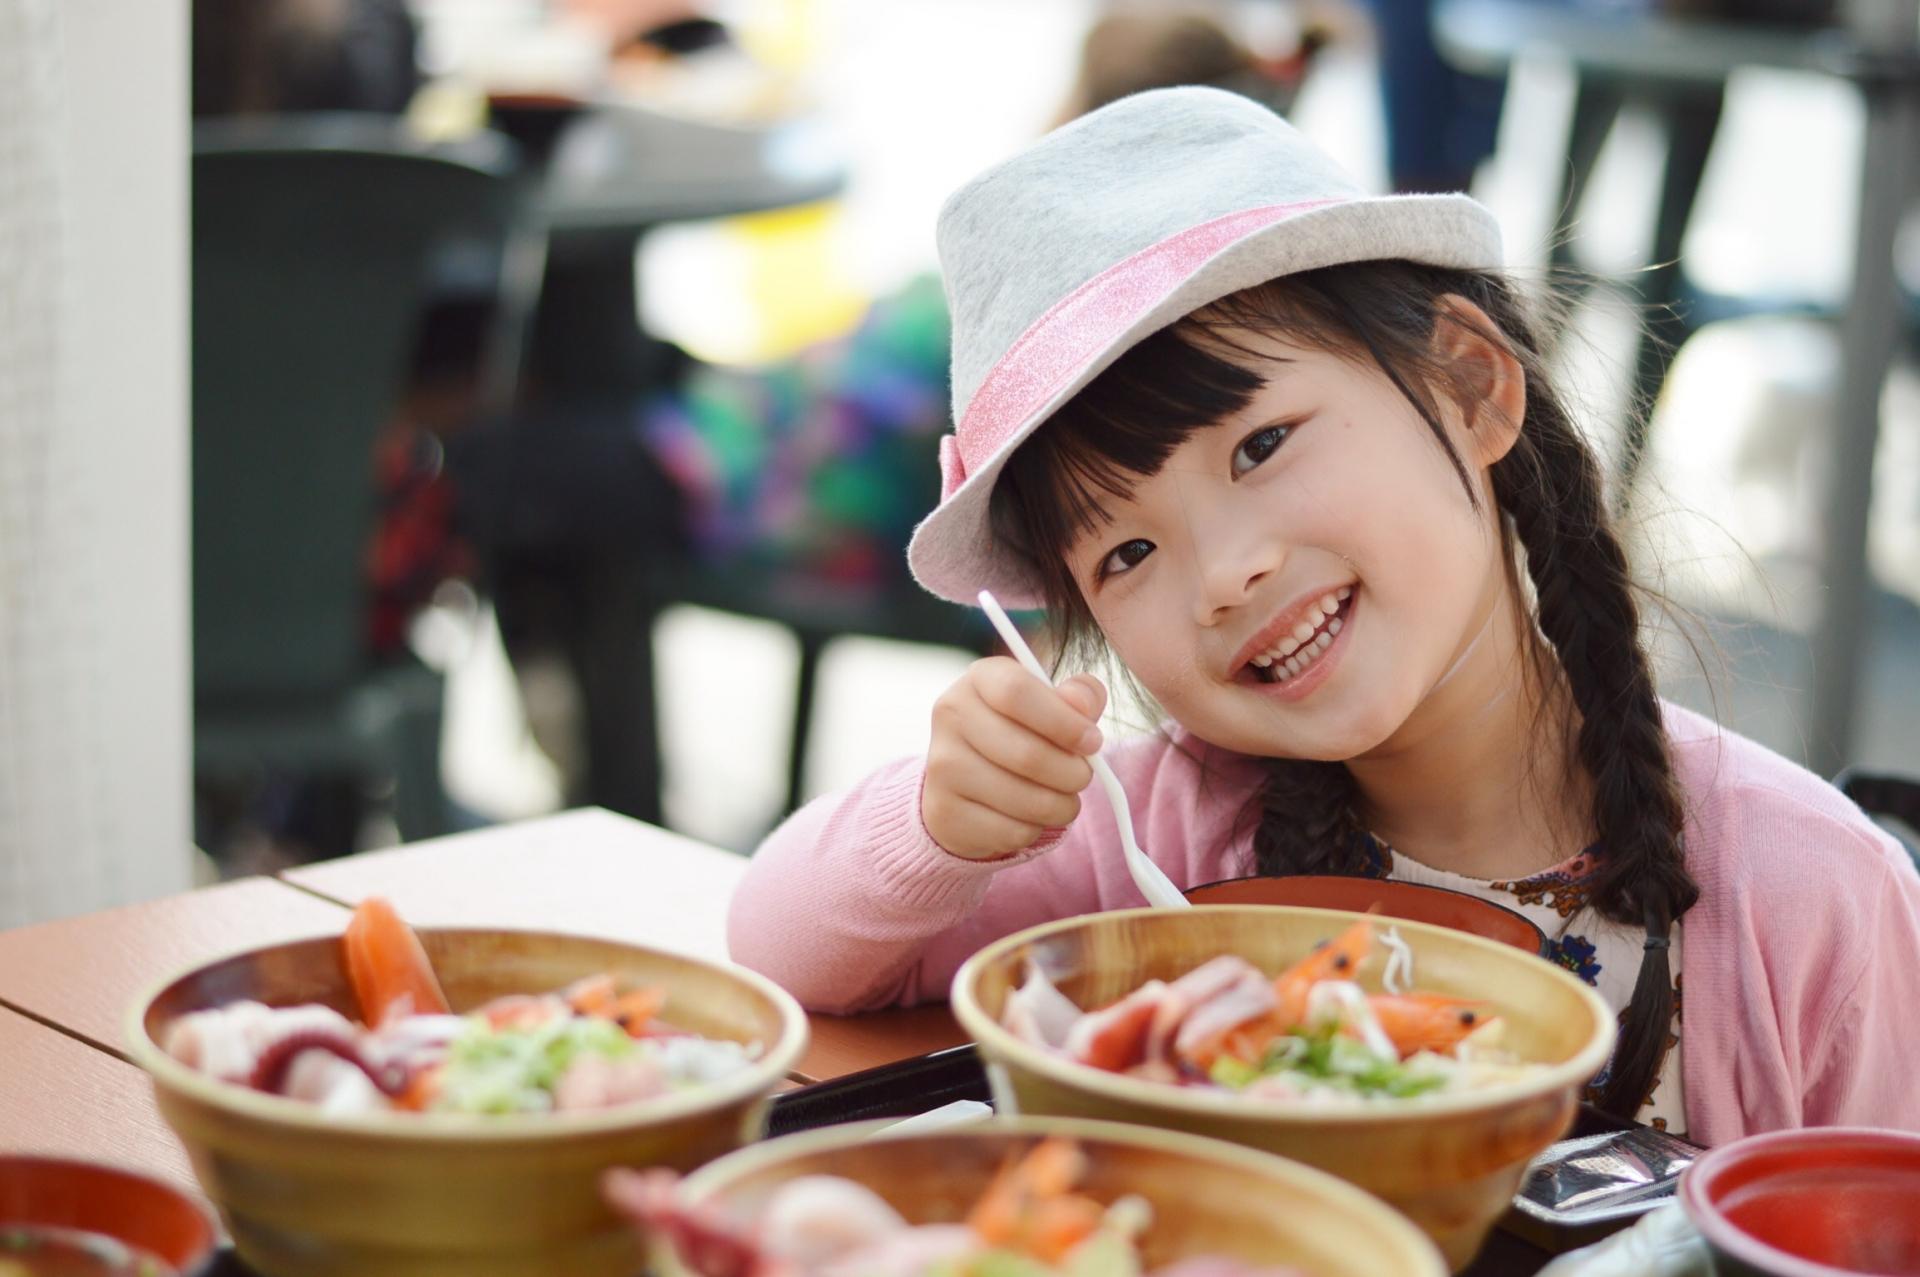 気仙沼でおすすめ!海鮮ランチの美味しい人気&穴場な食事処8選【2017年秋版】